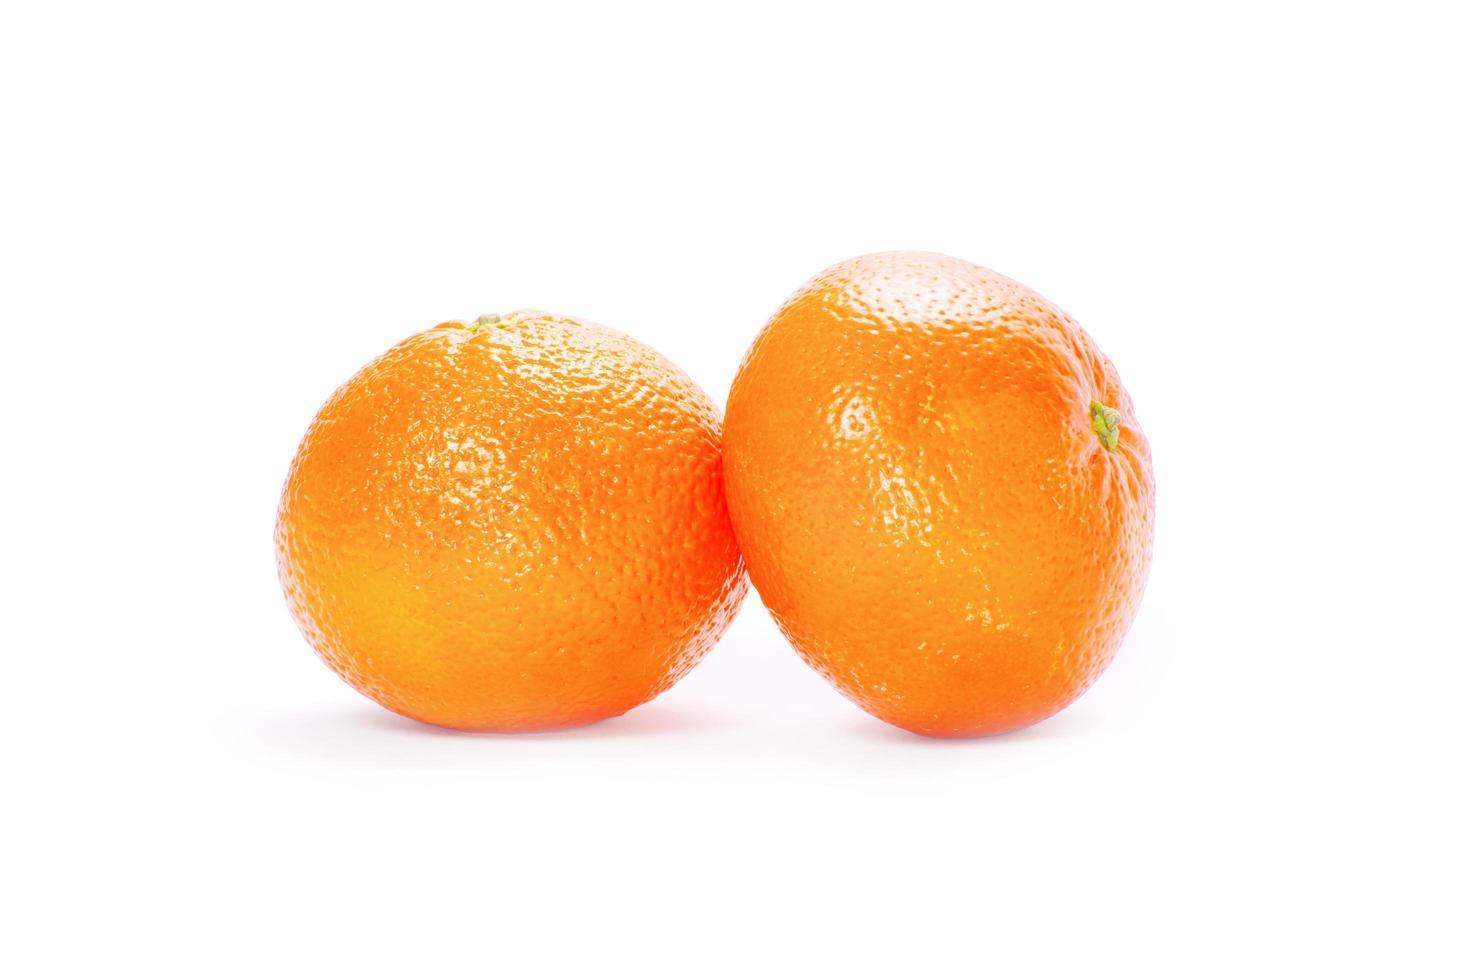 mandarina aislado sobre fondo blanco foto